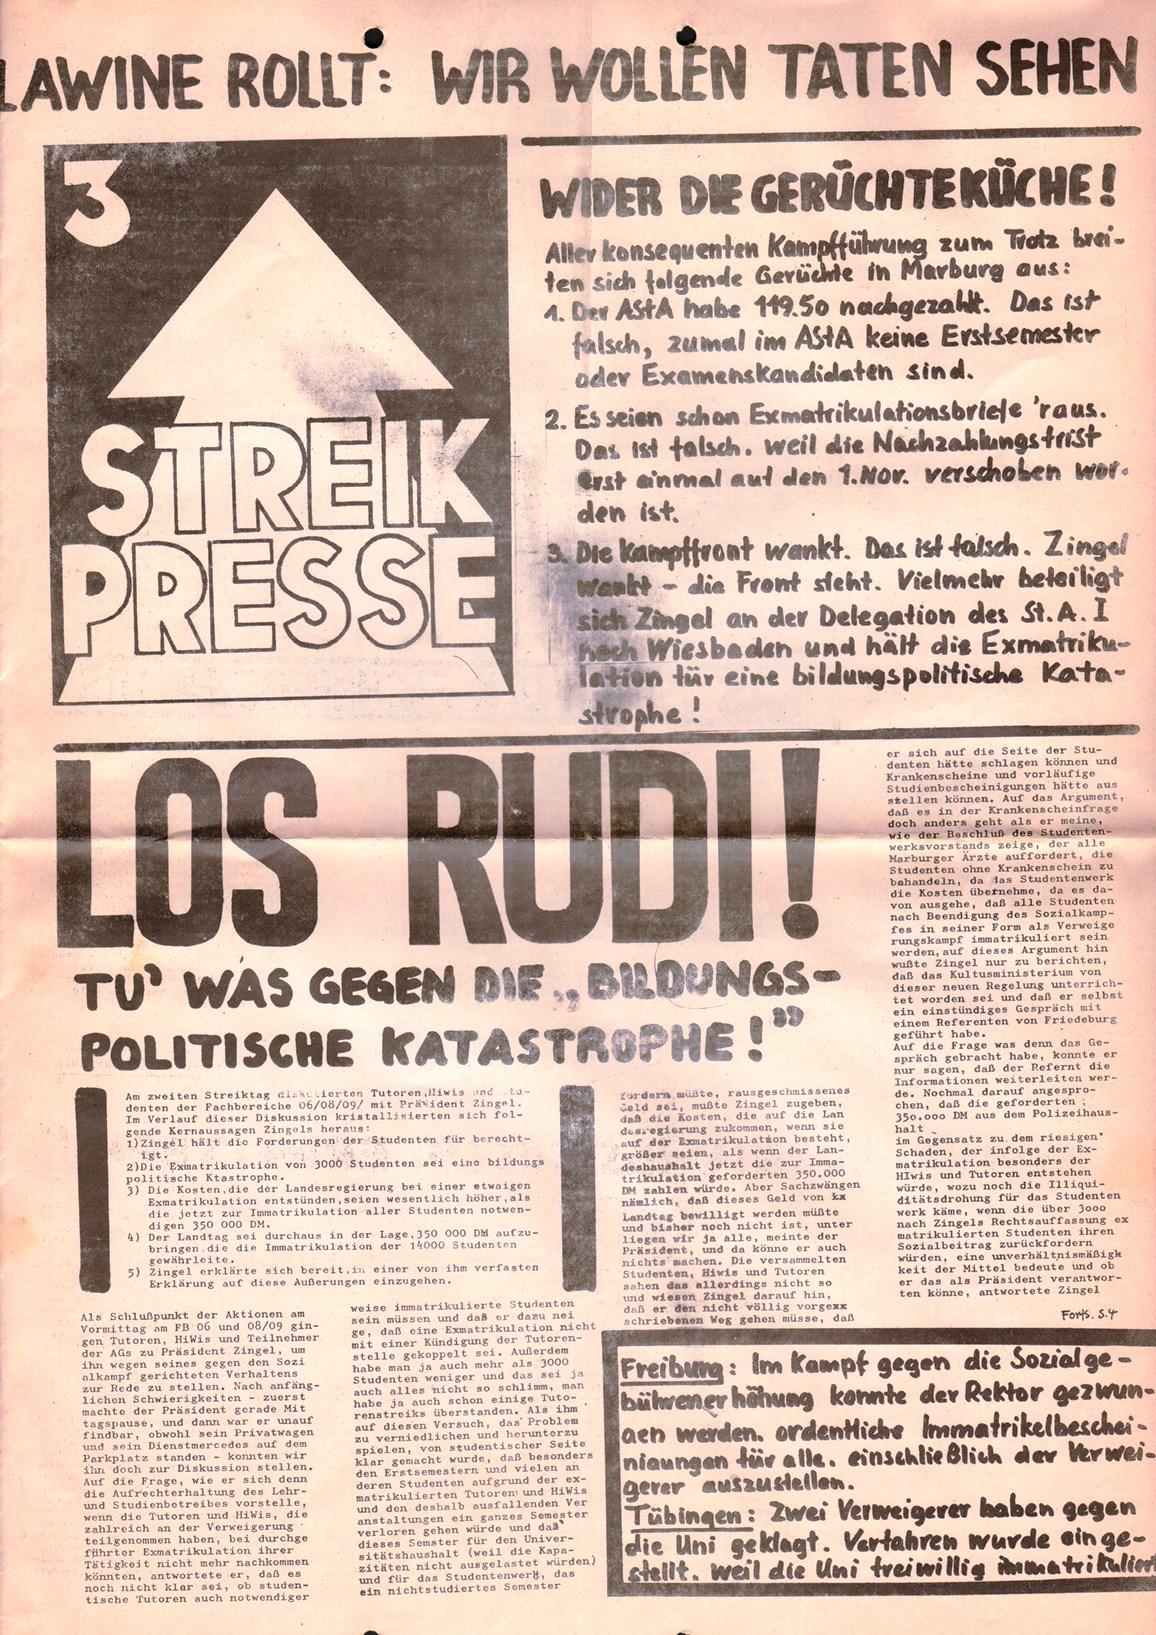 Marburg_AStA_Streikpresse_3_1974_01